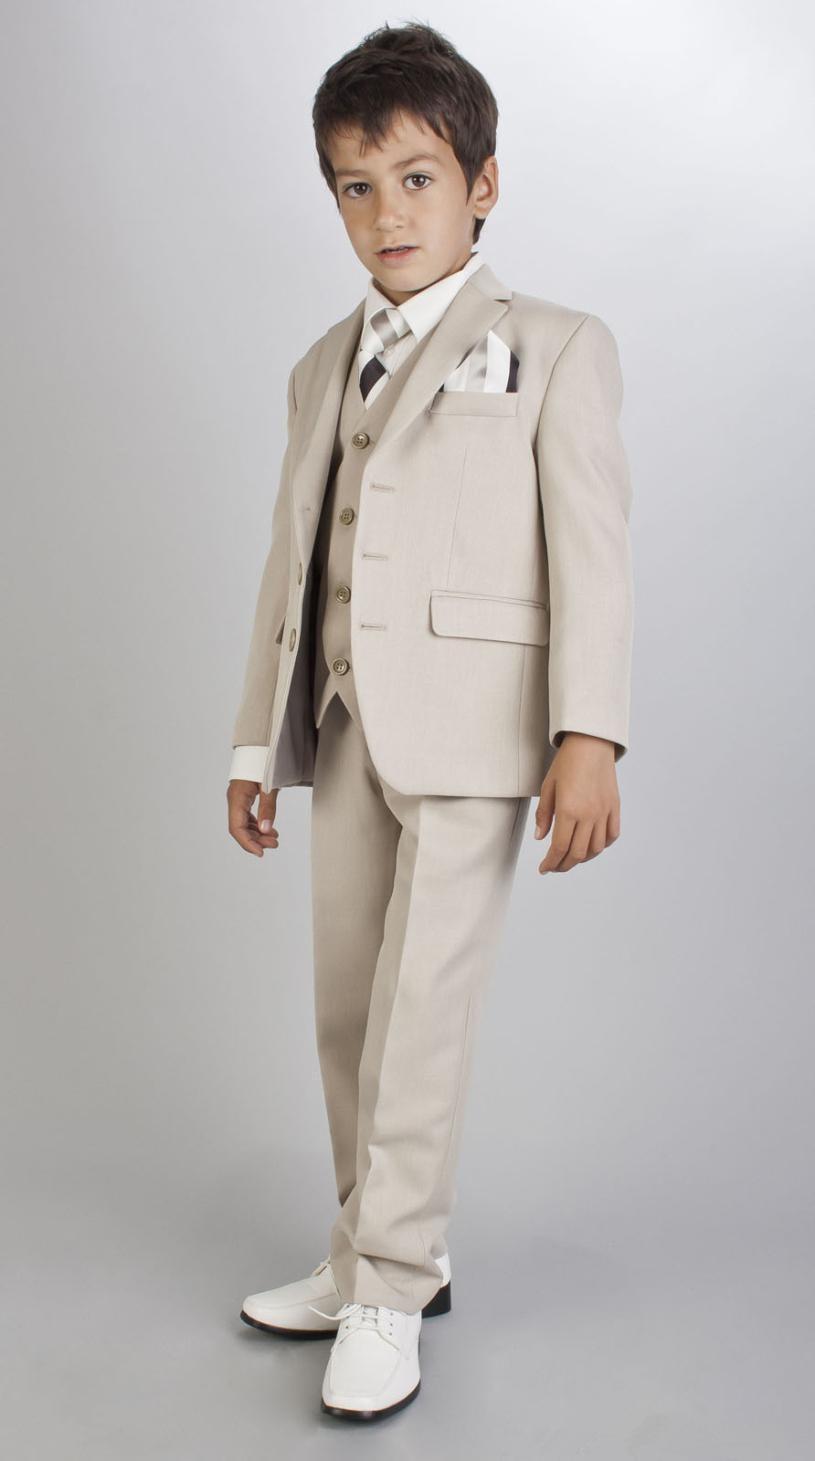 2016 Neue Ankunft Vintage Schwarz Männer Frack Kerb Revers Hochzeit Anzüge Für Männer Trim Fit 3 Stücke Formale Groomsmen Hochzeit Anzug Fabriken Und Minen Herrenbekleidung & Zubehör Anzüge & Blazer